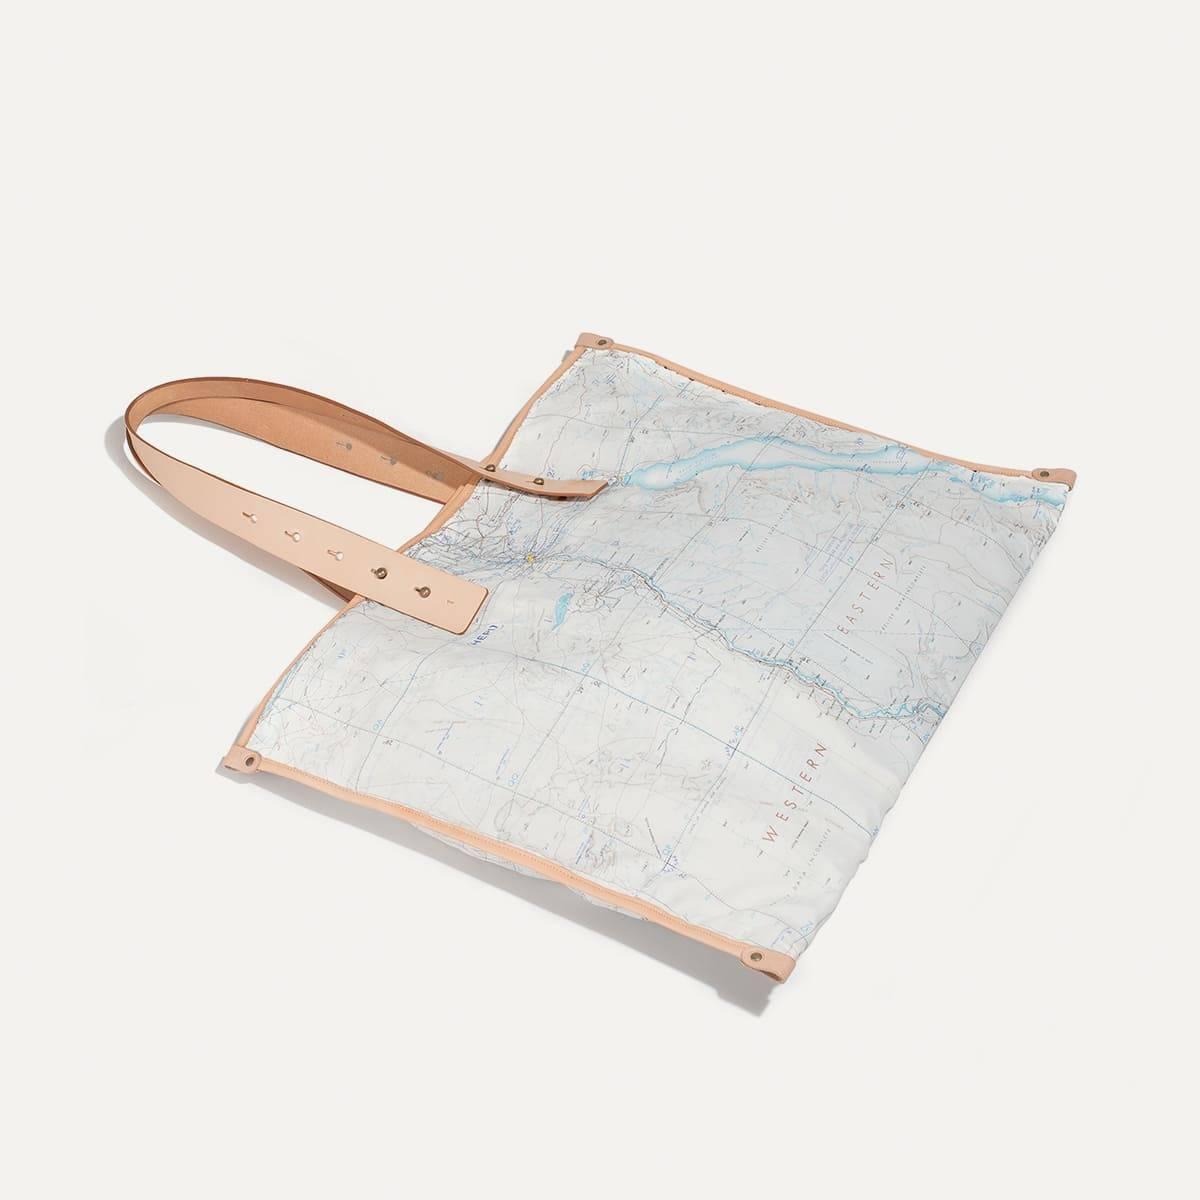 BDC x Bonhomme bag (image n°7)